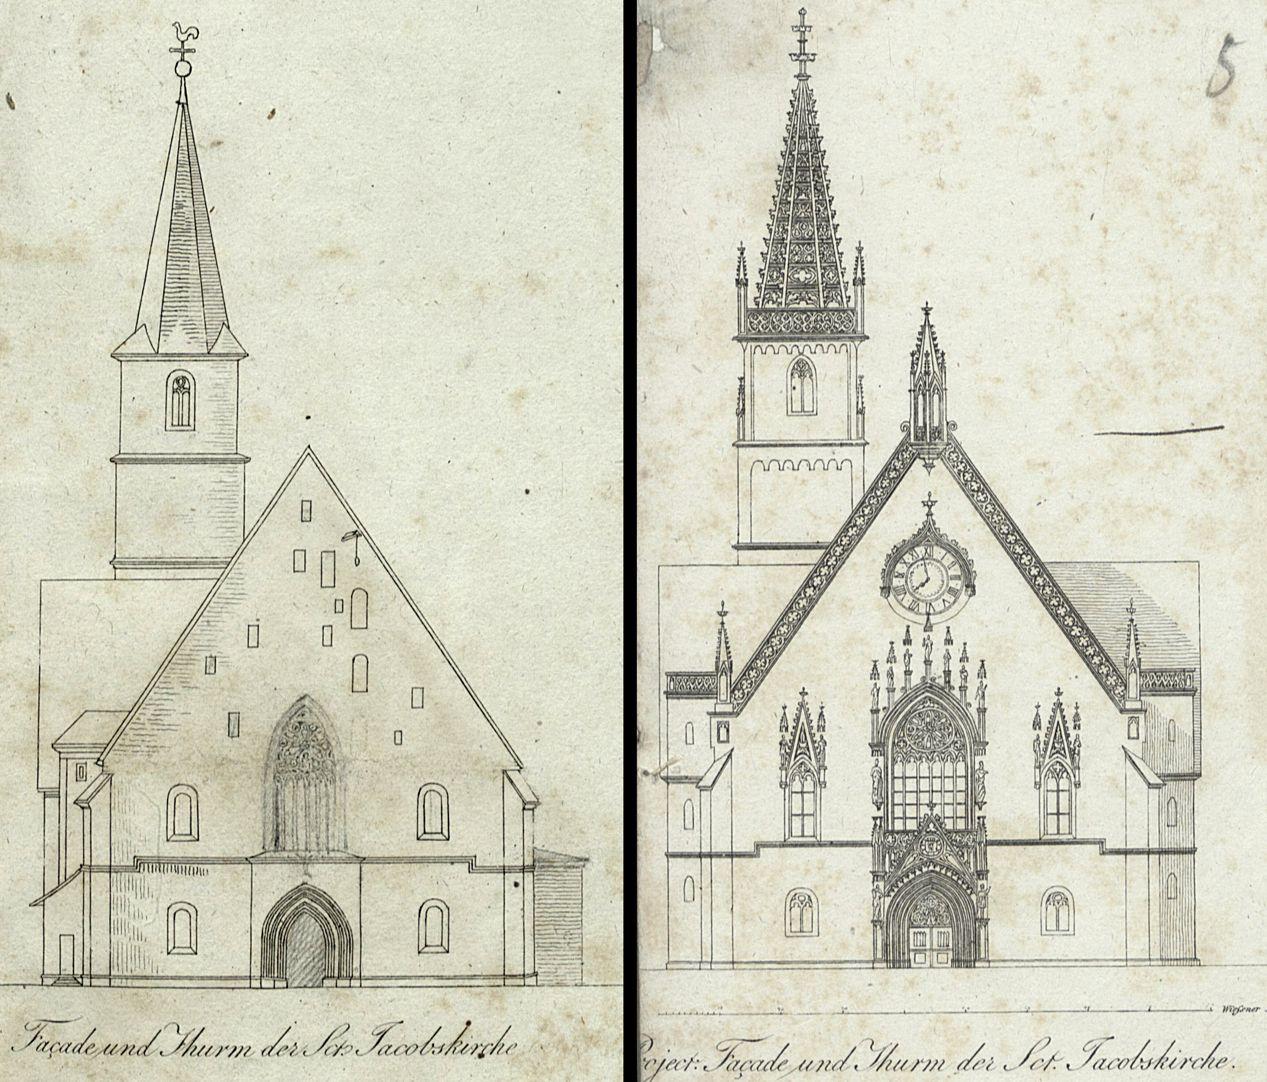 Entwurf zur Neugestaltung der Jakobskirche in Nürnberg Auf der Grafik links hatte Heideloff bereits das Treppengehäuse zum Giebel durch ein Maßwerkfenster ersetzt; auf der rechten Grafik sind Maßwerkfenster, Giebelhelm und Seitenfenster neugotisch, die weitgehend unausgeführt blieben.